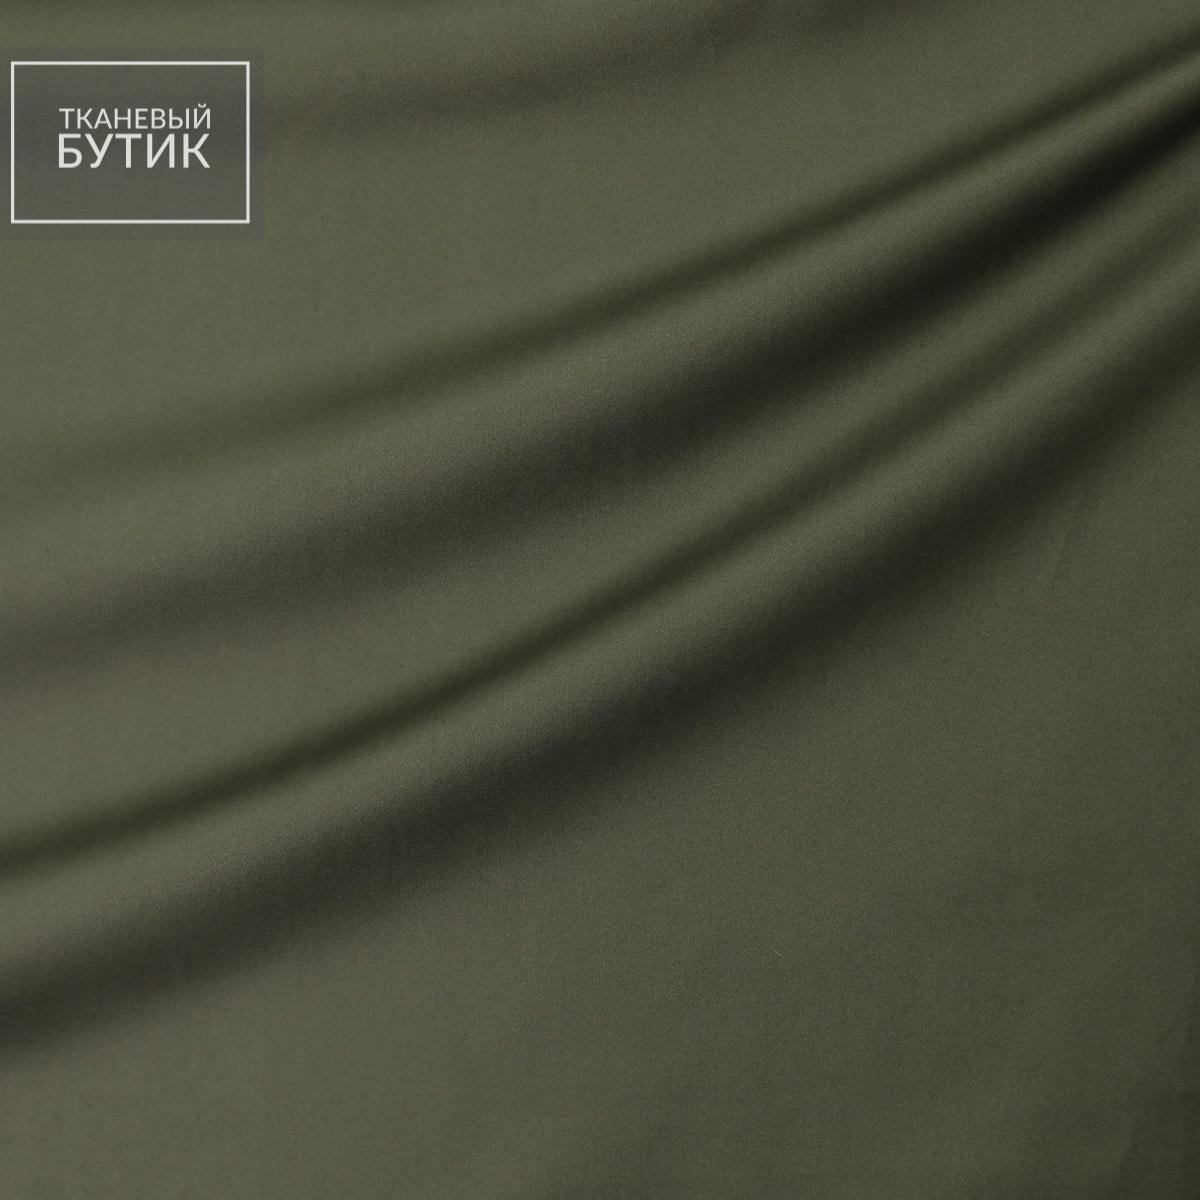 Тонкой хлопковый сатин с эластаном цвета зеленого хаки